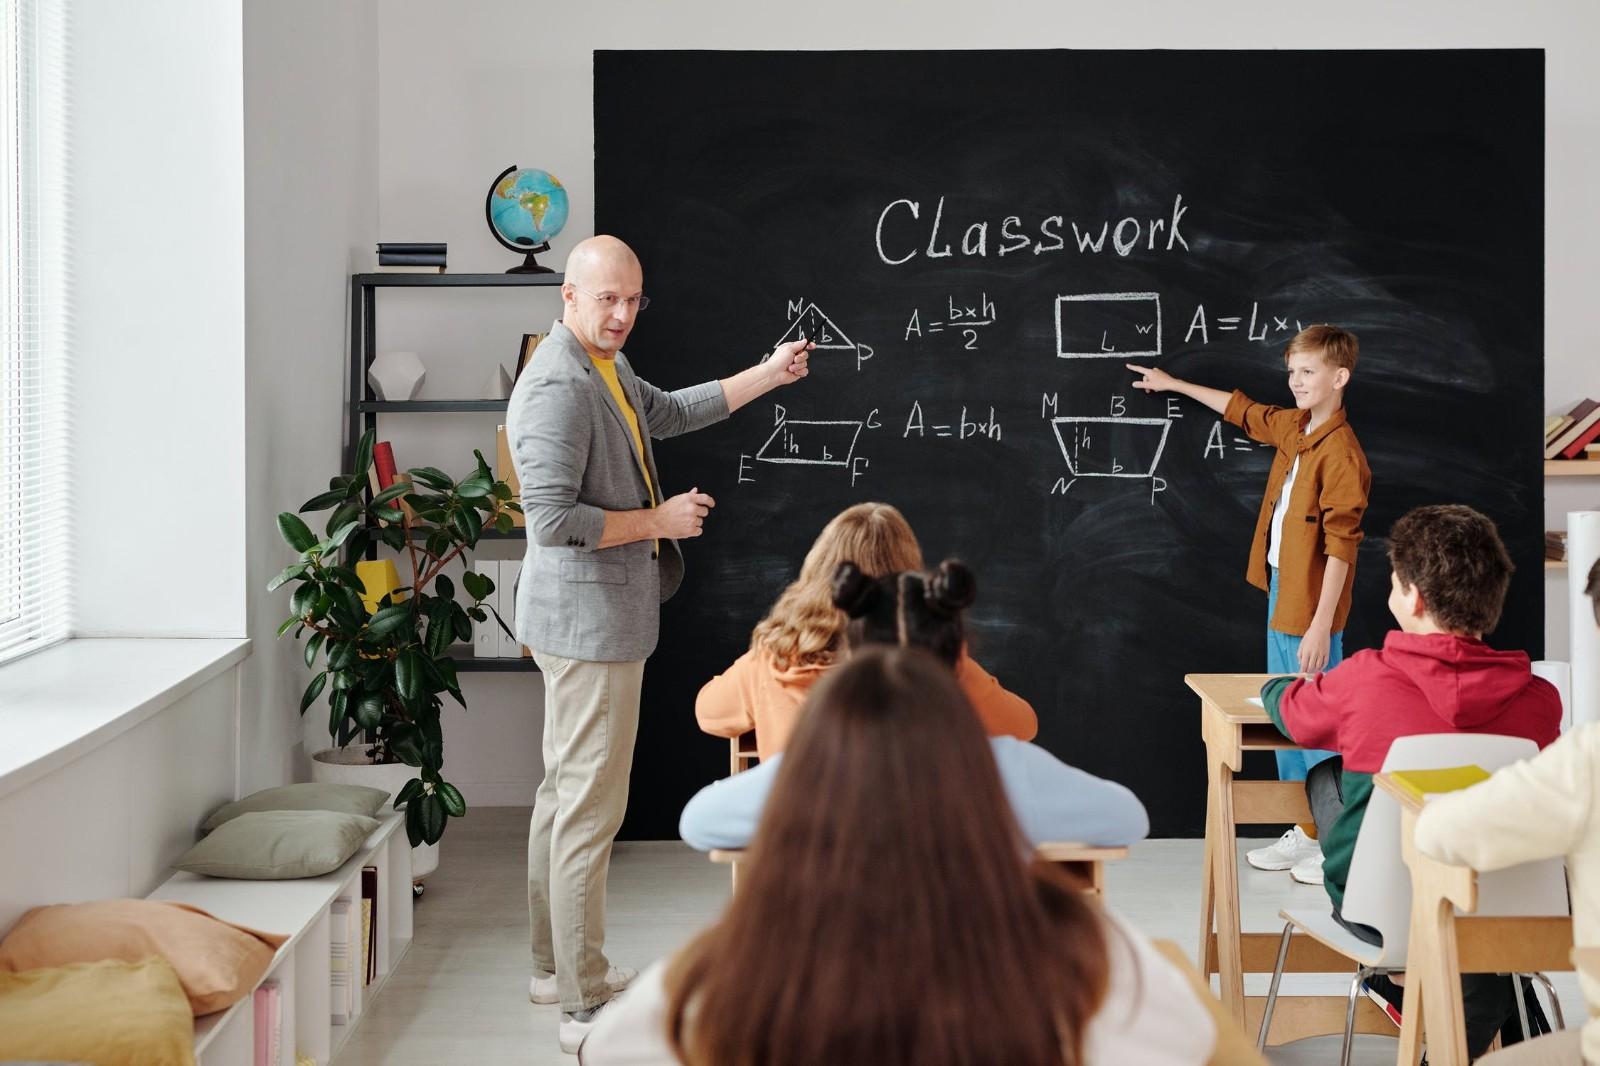 福州教师招聘考试哪个培训班好(教师招聘的年龄限制)